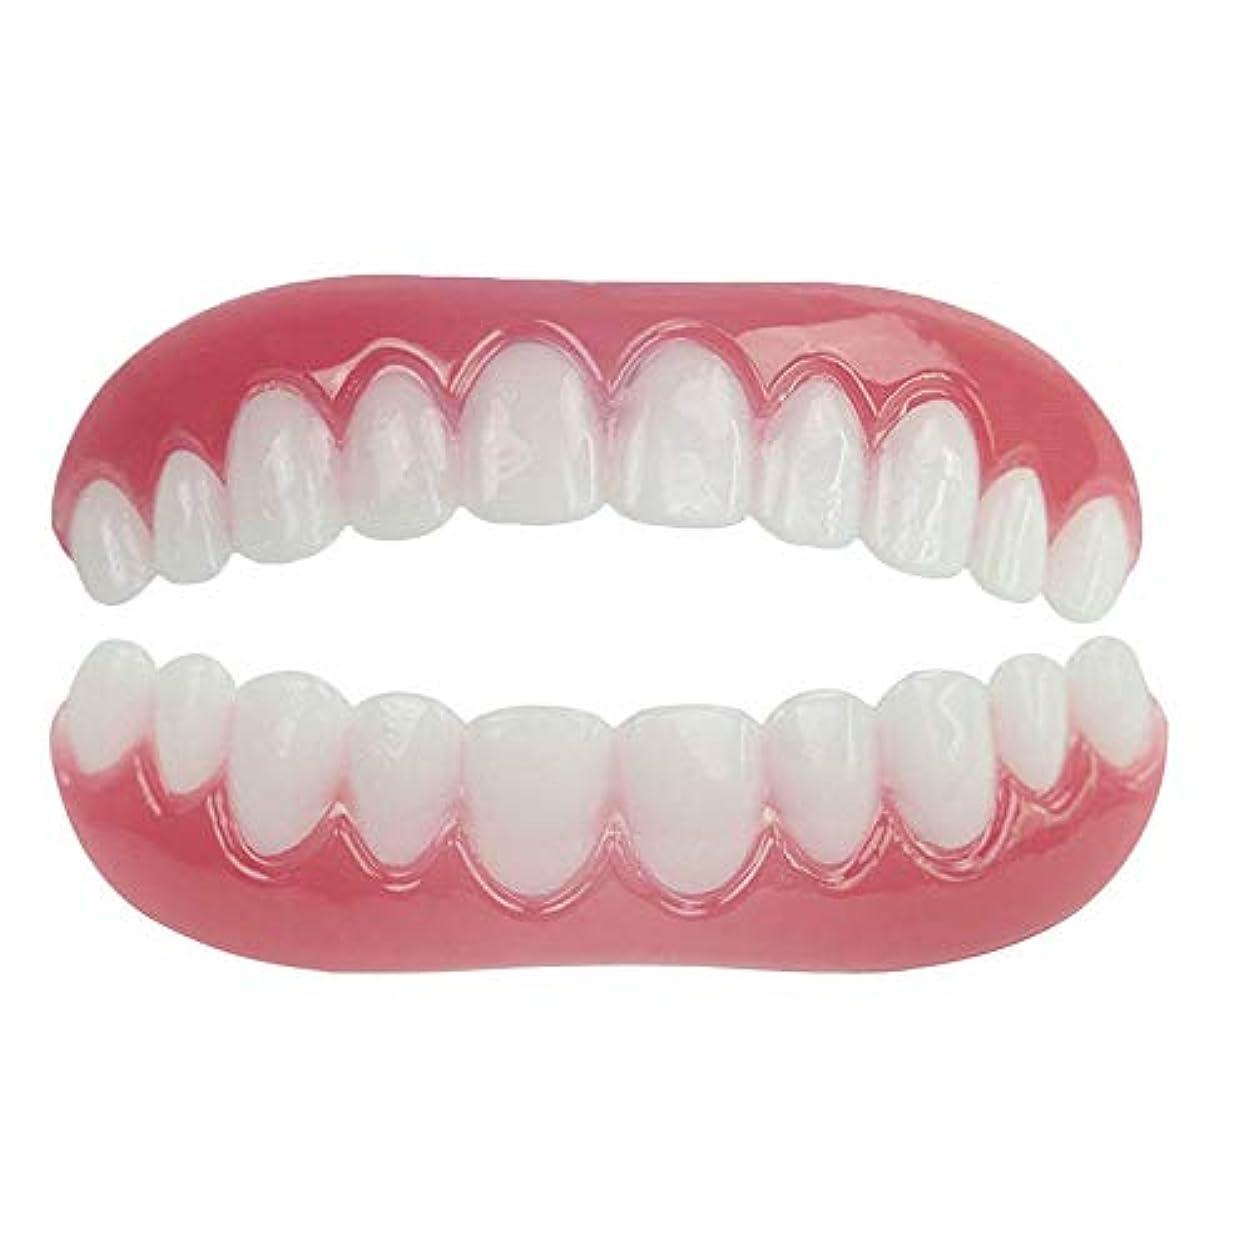 パースティーンエイジャー浸したシリコンシミュレーションの上部および下部義歯スリーブ、歯科用ベニヤホワイトニングティーセット(1セット),Boxed,UpperLower